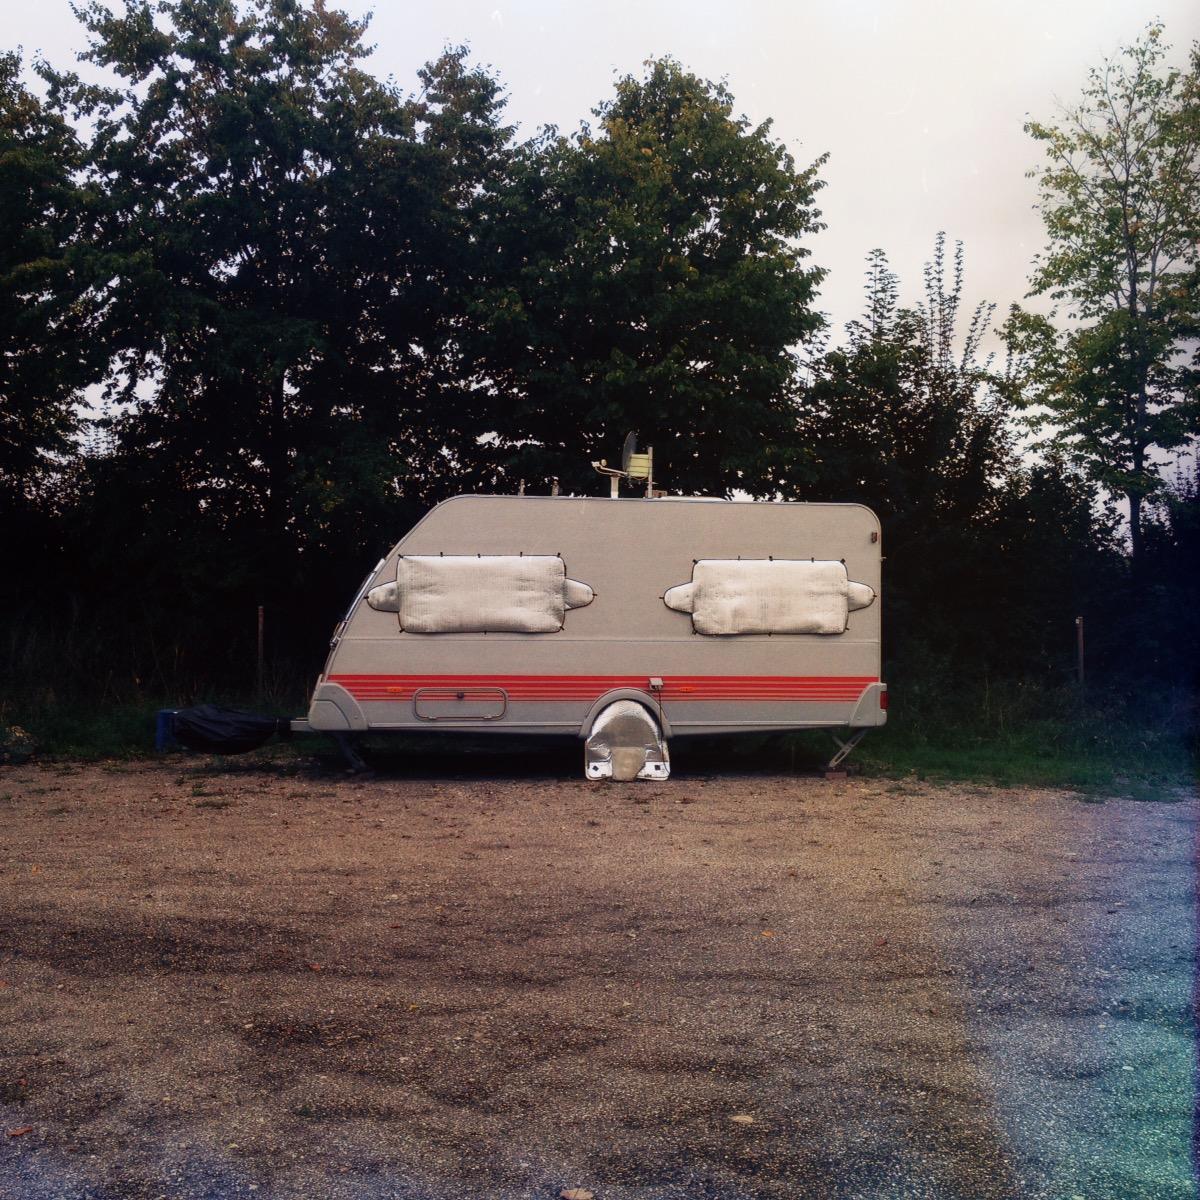 Ein Wohnwagen im Profil, der mit seinen verhangenen Fenstern anmutet wie ein Gesicht mit geschlossenen Augen.